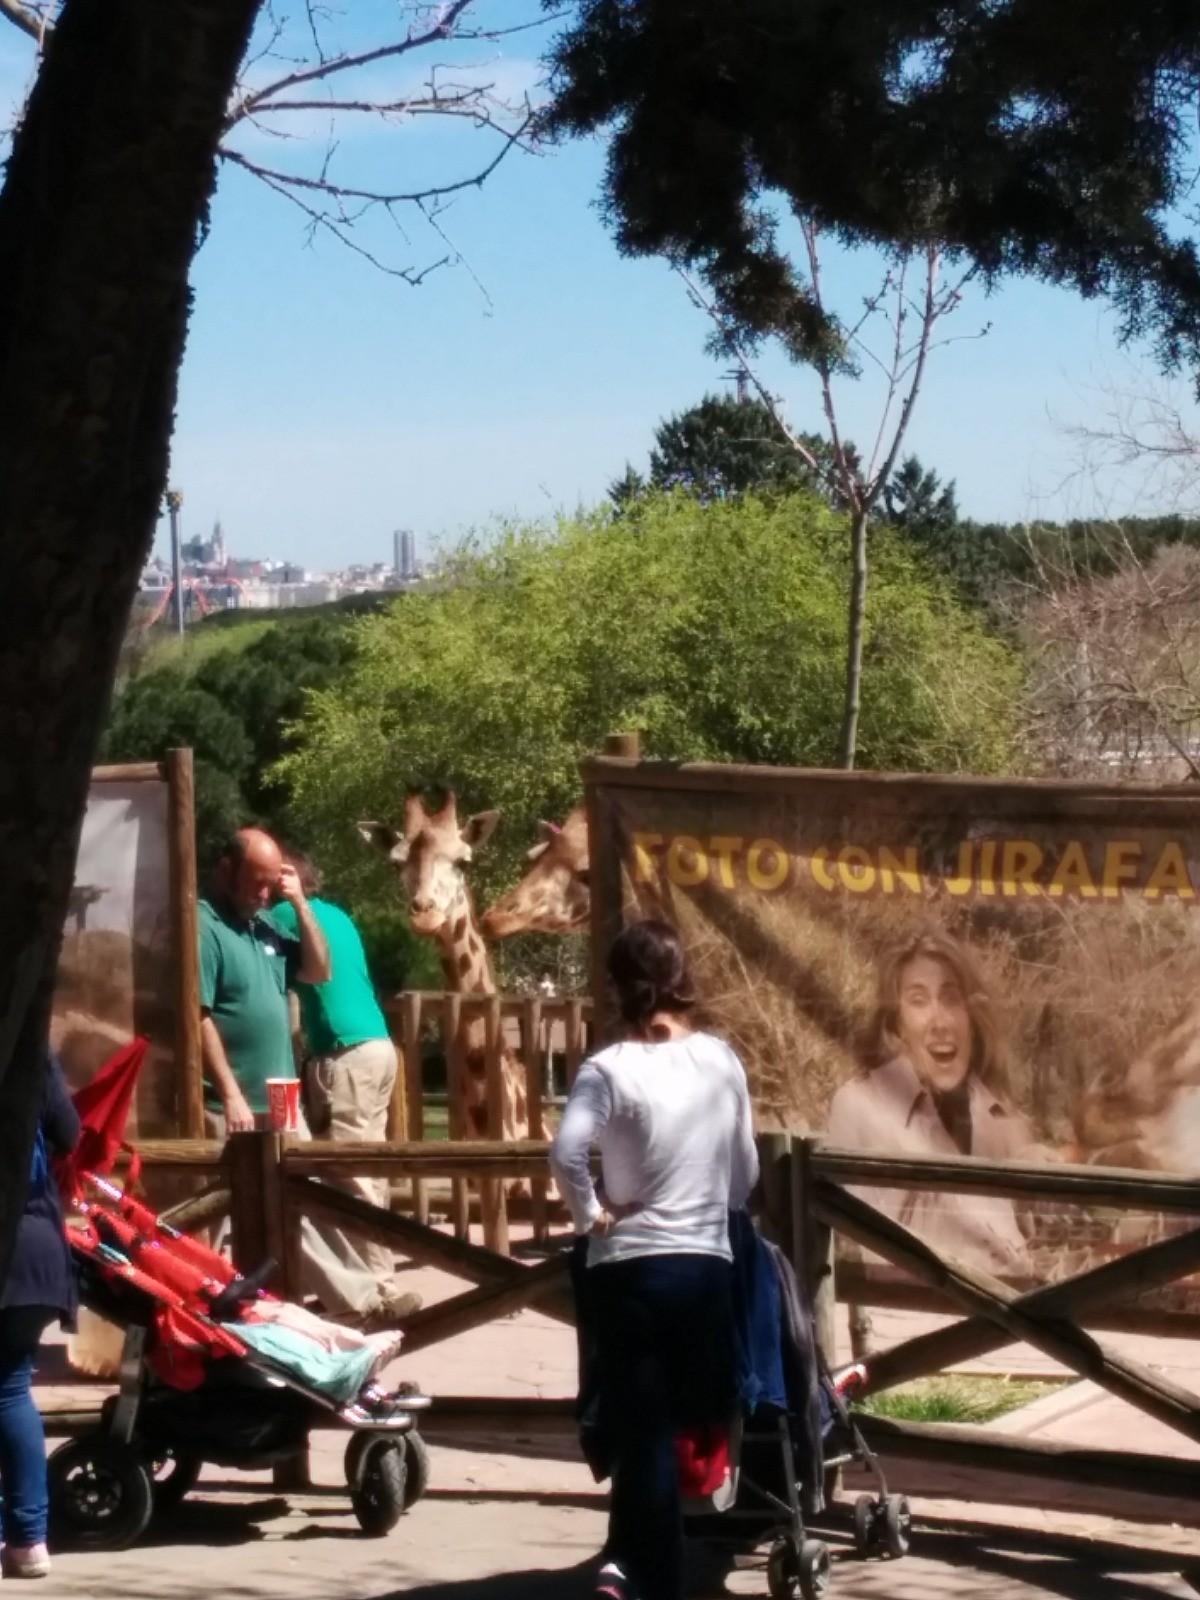 el-zoo-madrid-0f736cb8a901a07fd59e5d006d